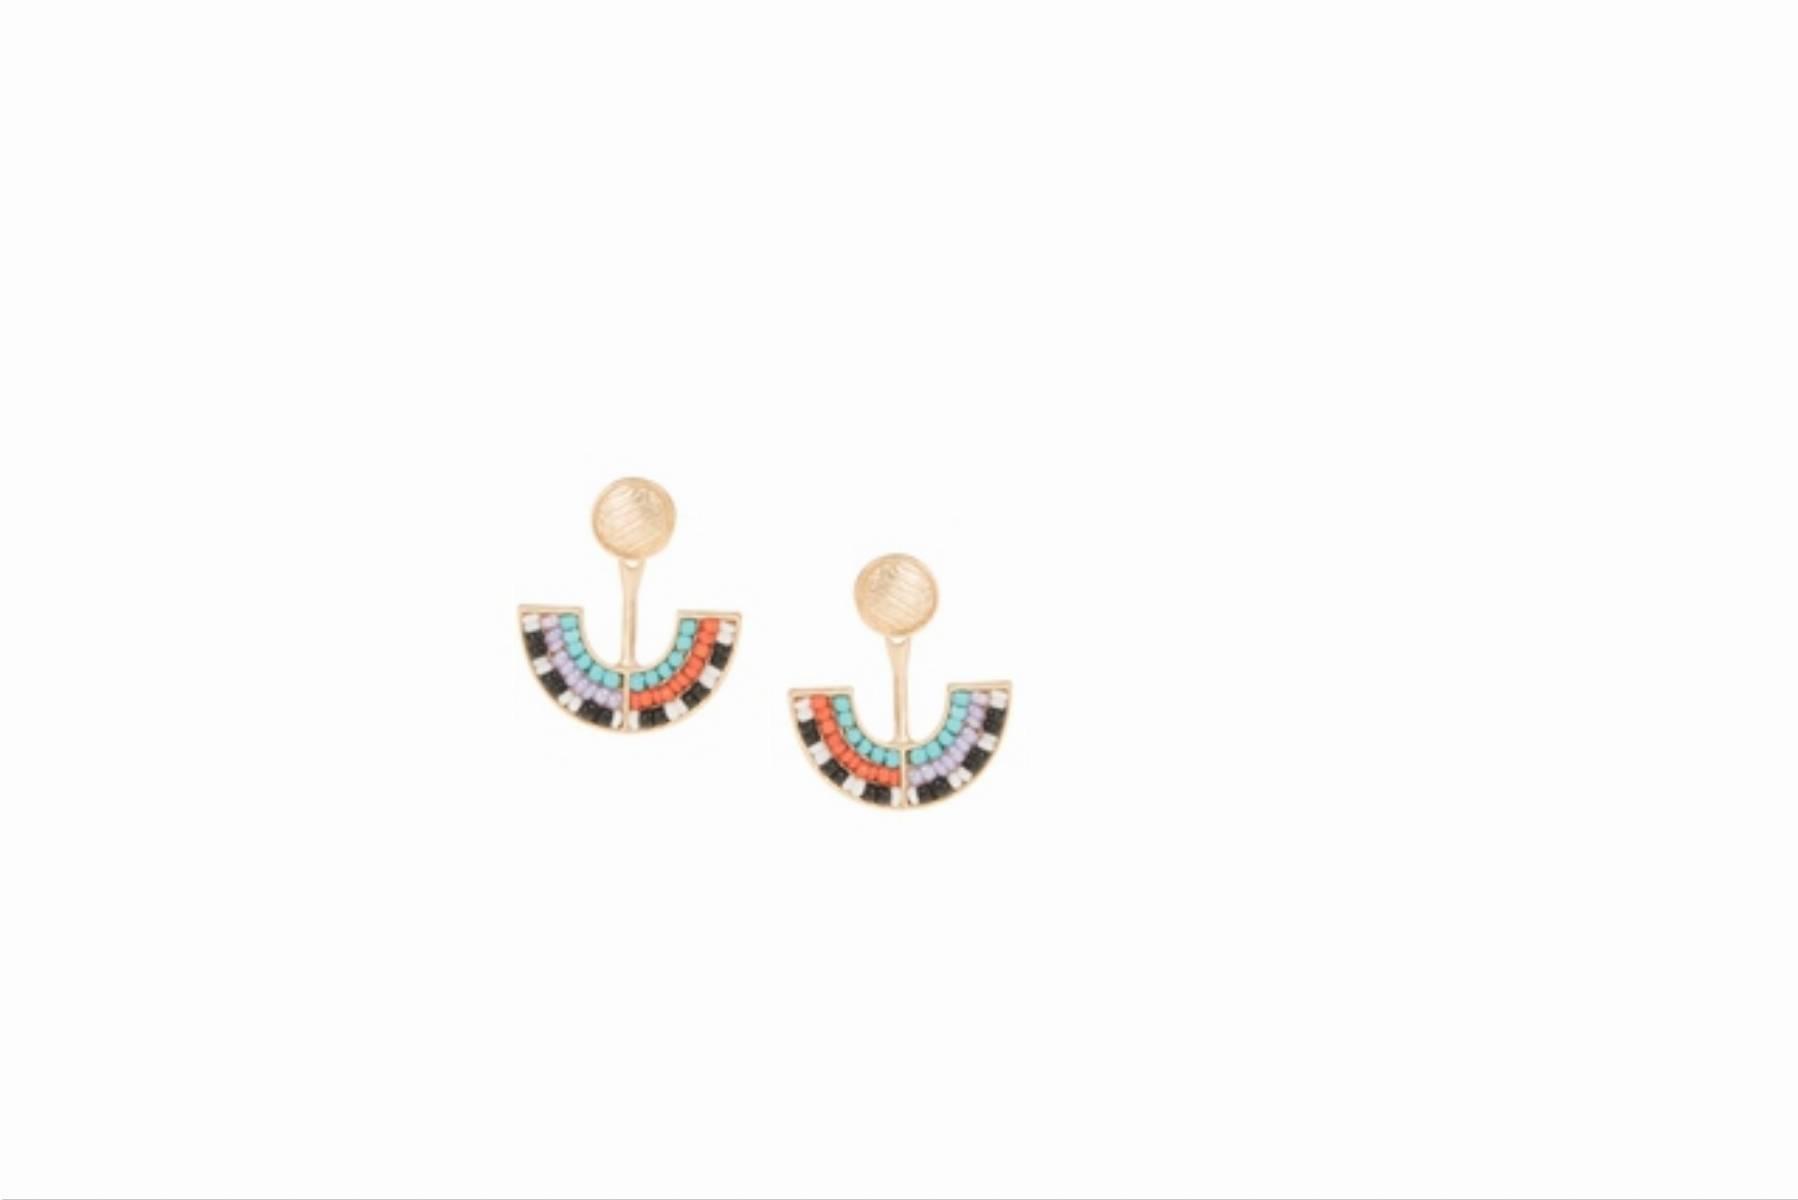 MUMMY AND ME - Nowa kolekcja Parfois na wiosnę 2016 na Dzień Matki (13)